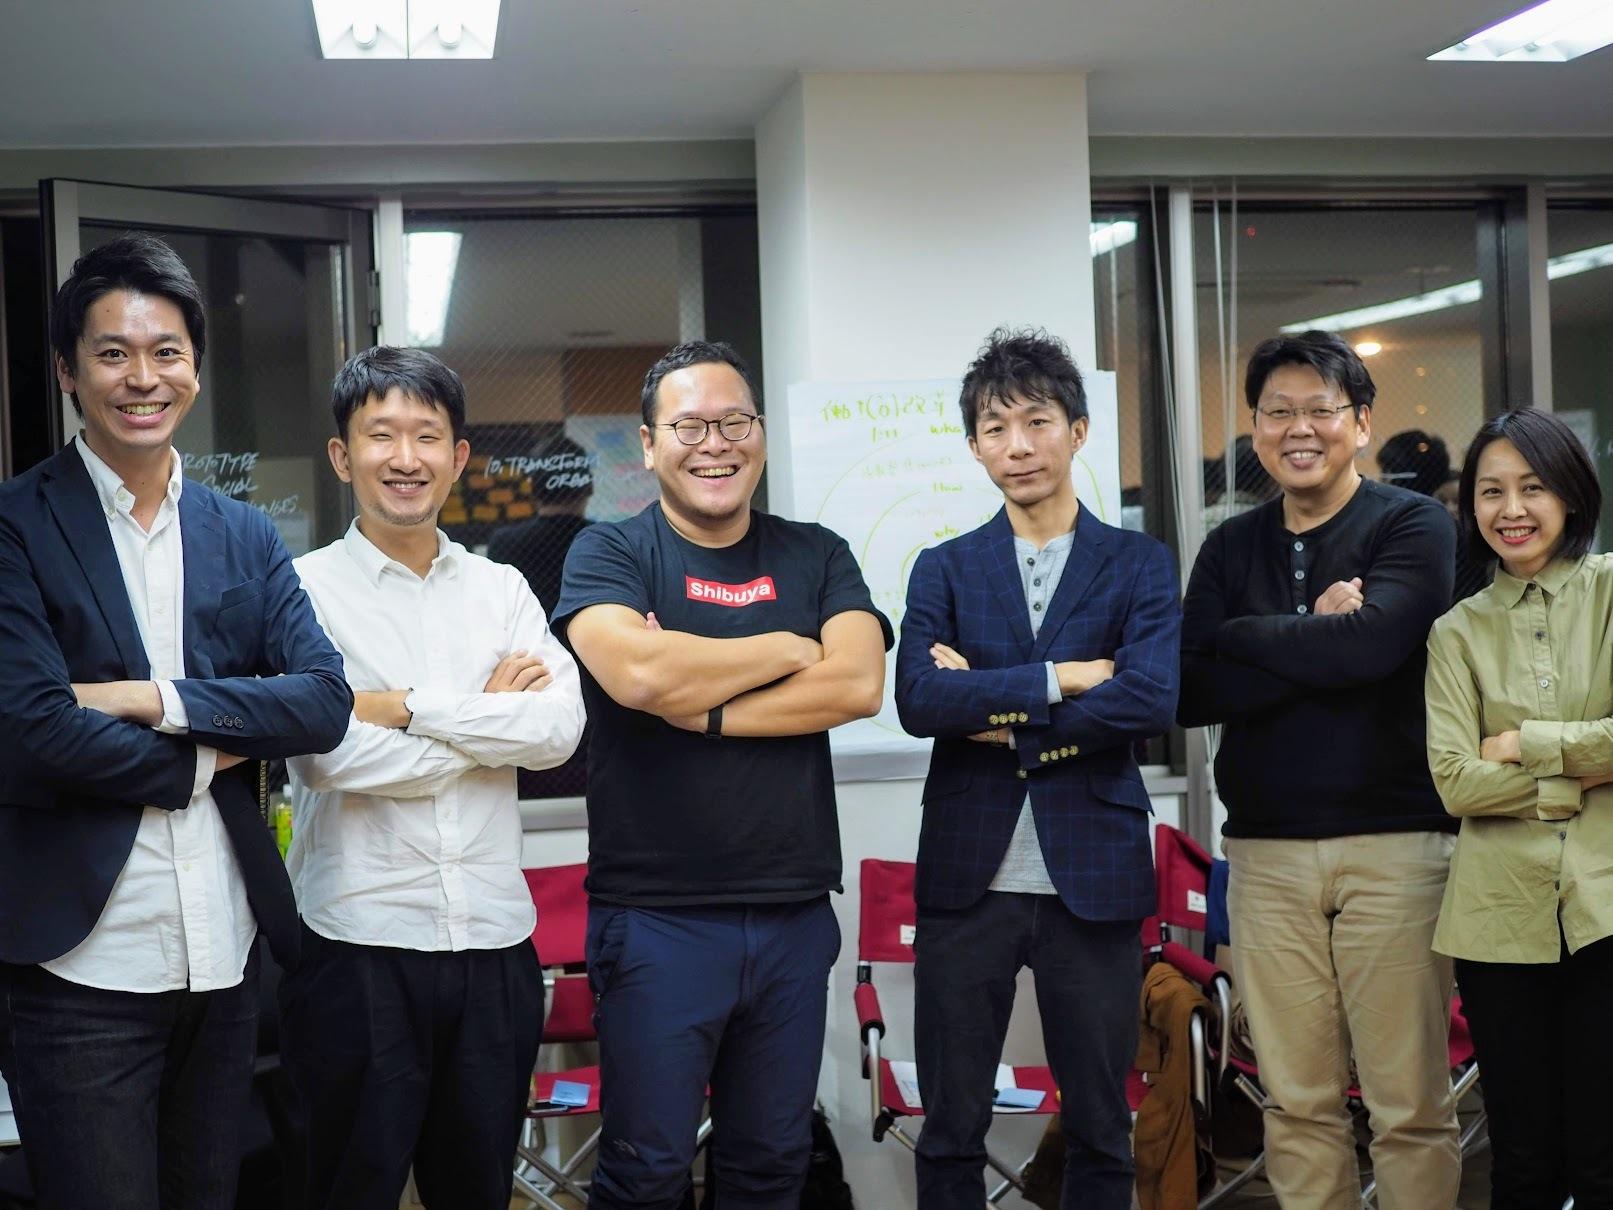 """~「働き方改革」を「働きたい改革」へ~ """"幸せに働くためのアイデア""""を渋谷から生み出すには"""